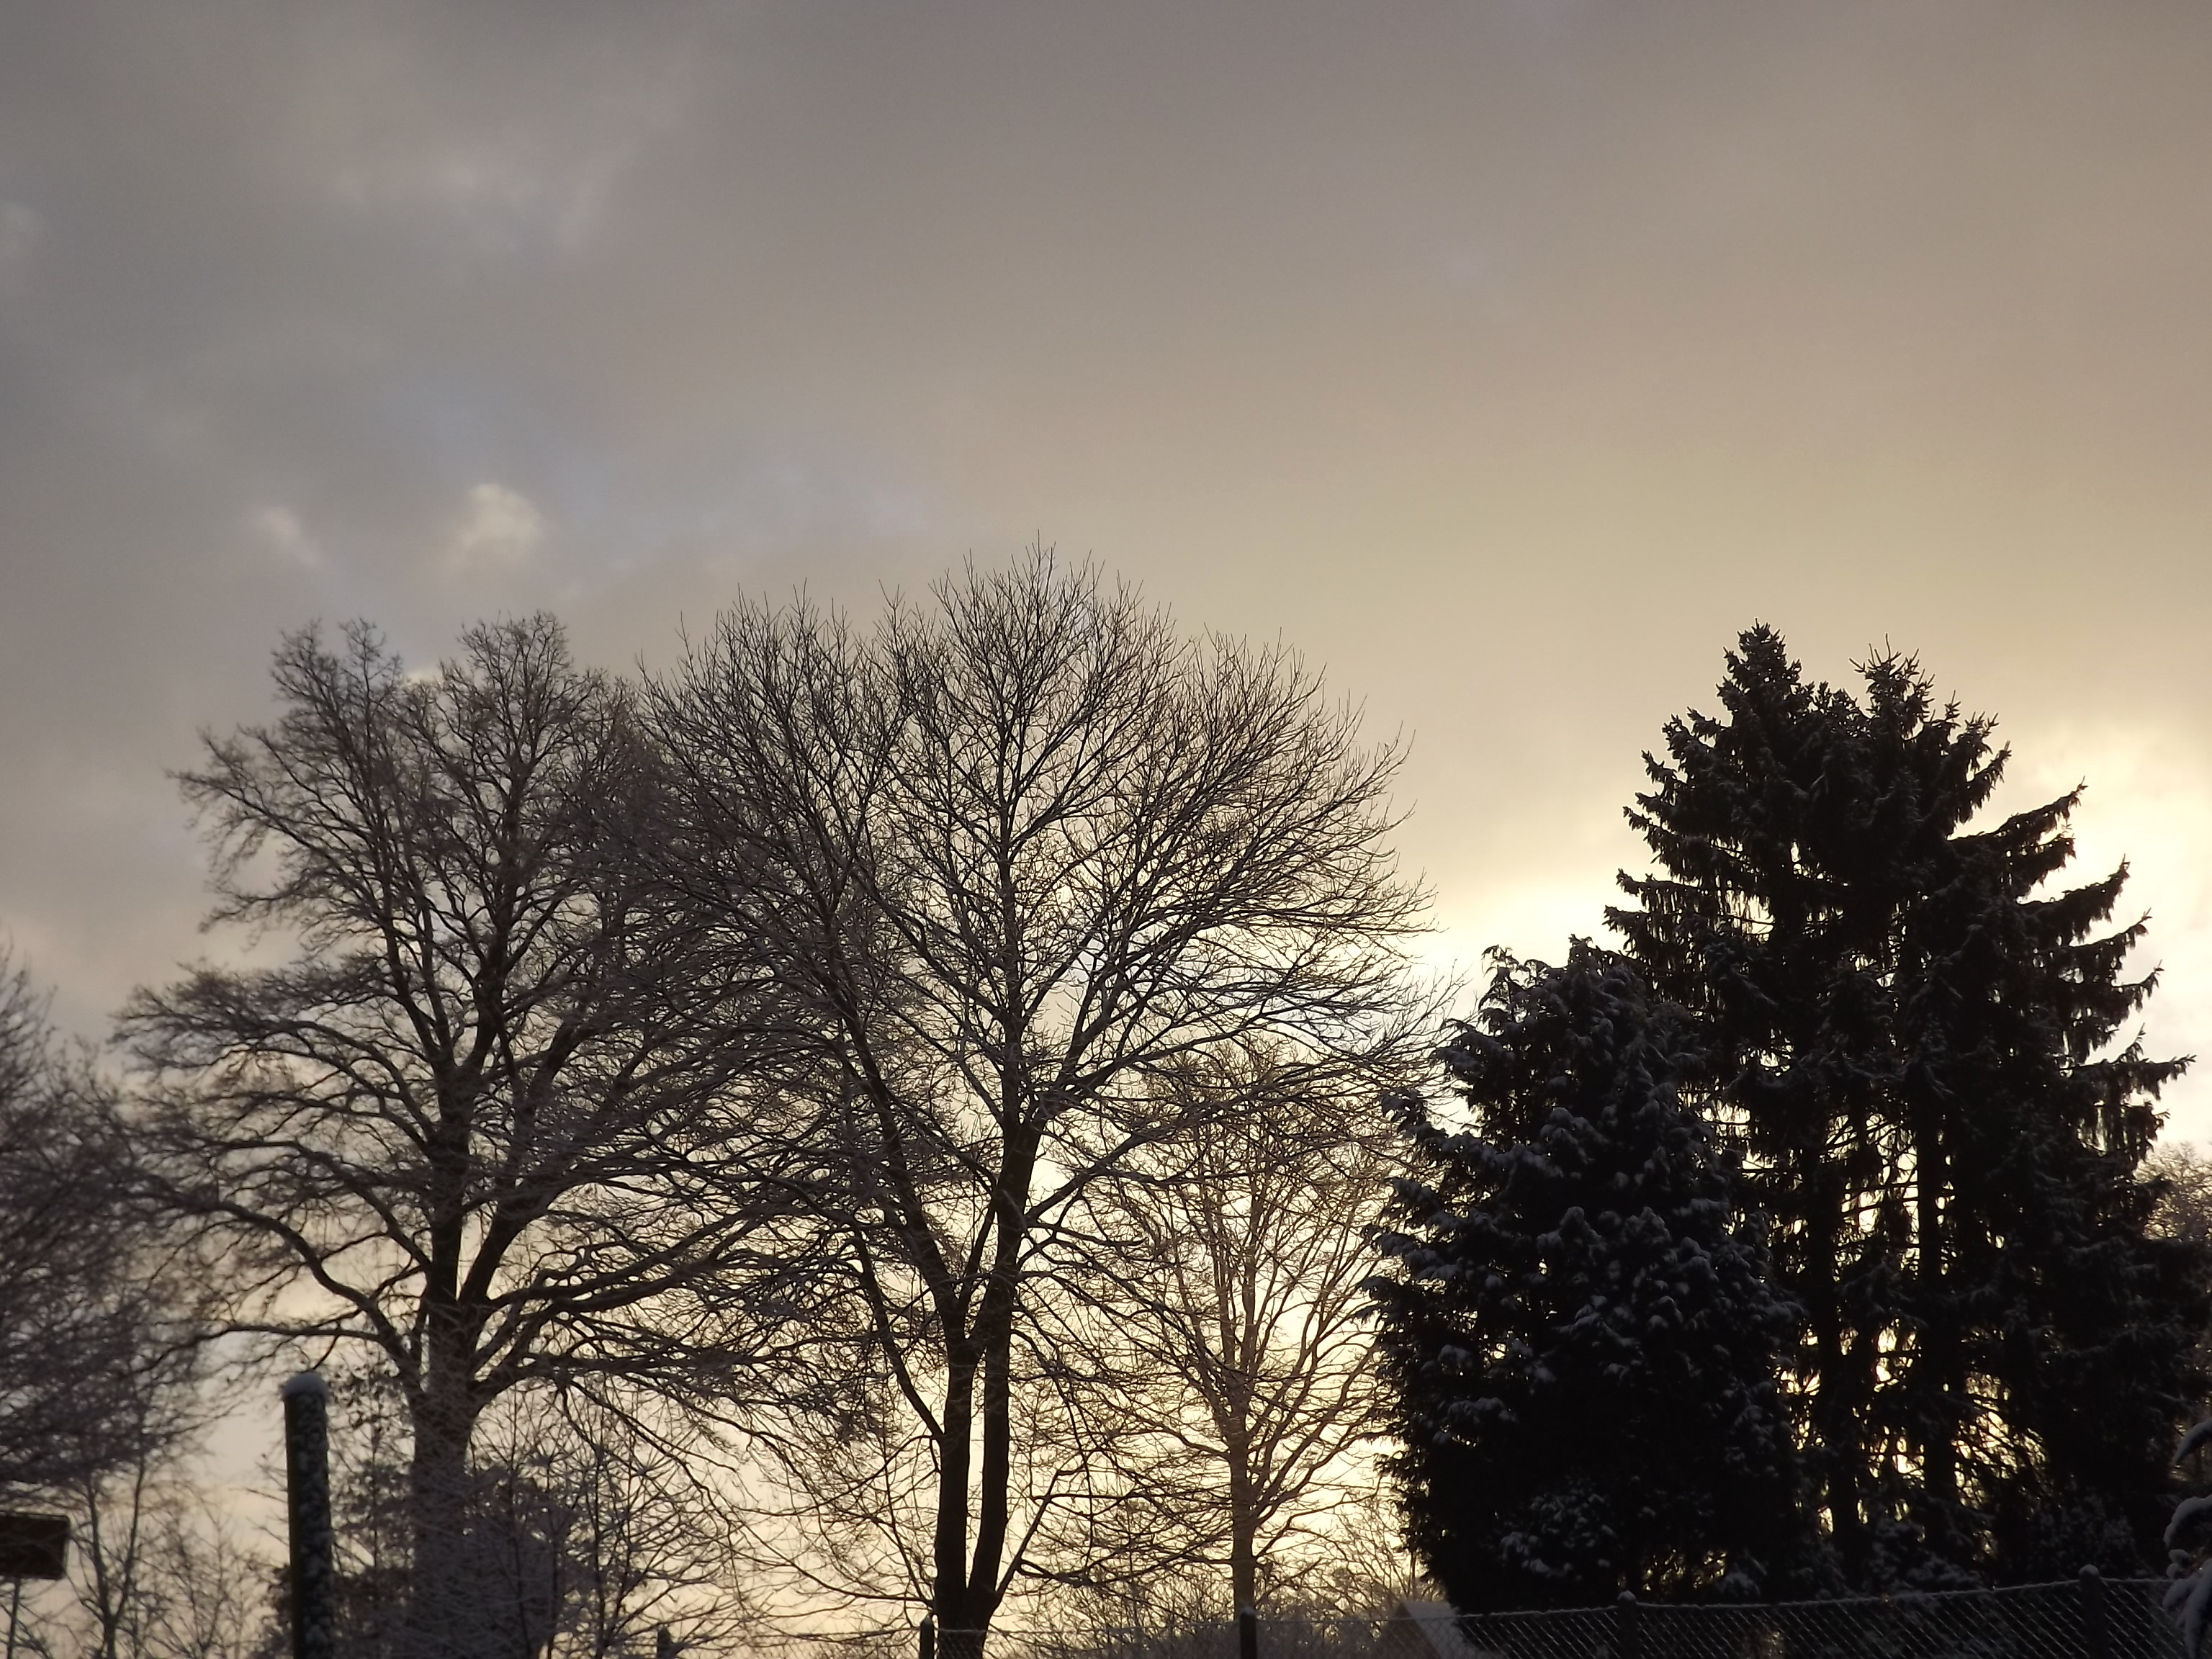 6890-verschneite-landschaft-morgenlicht